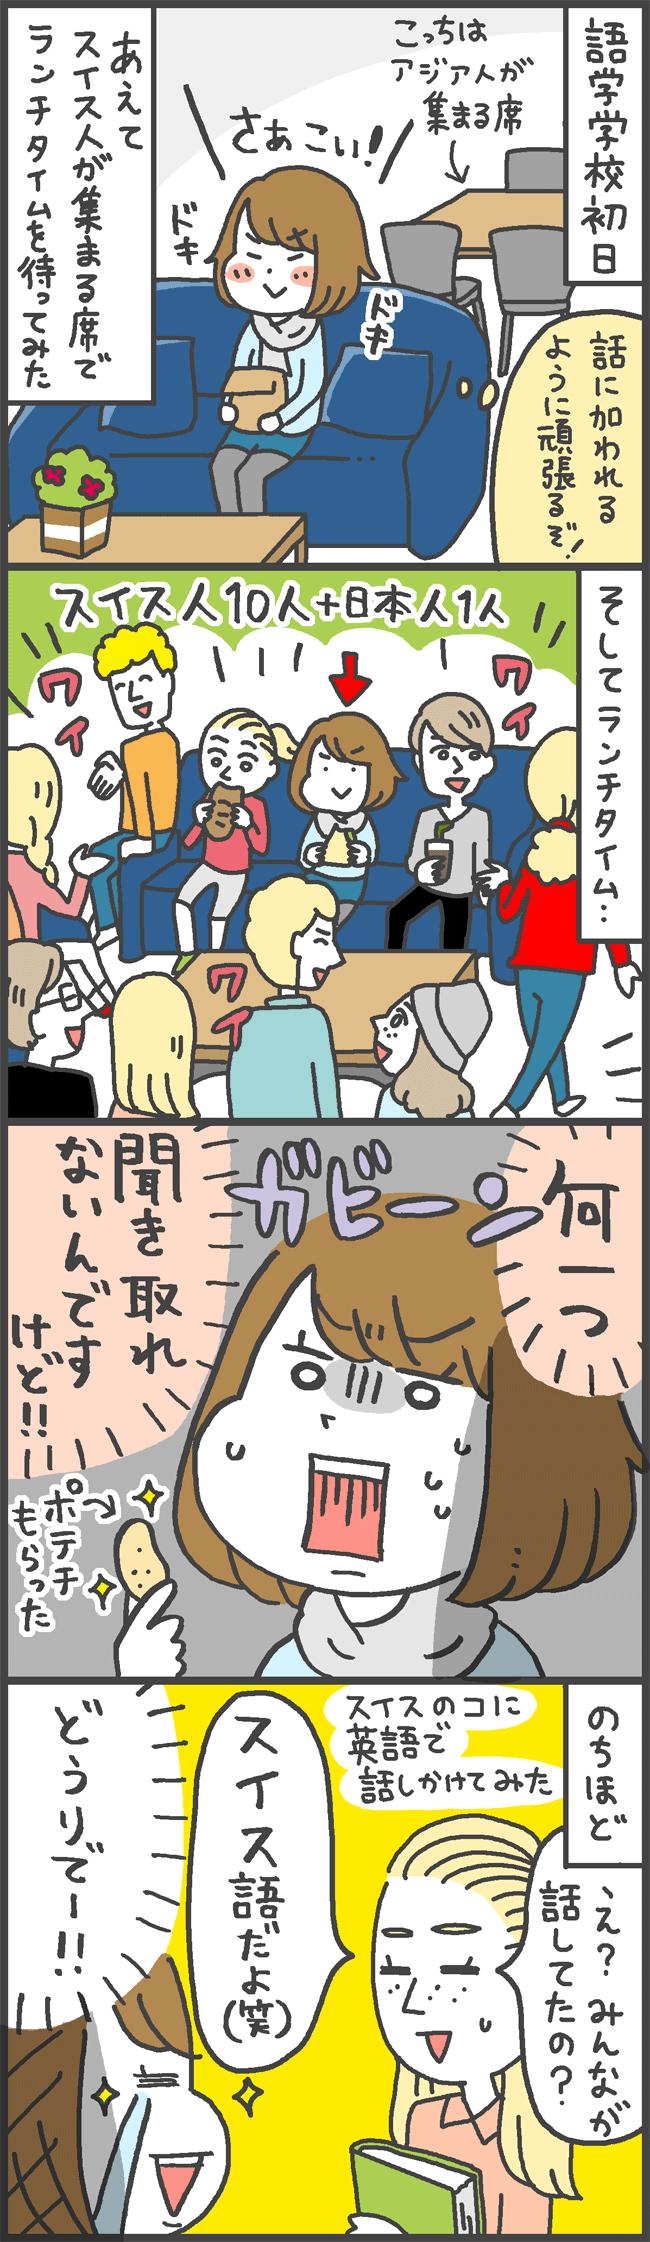 みさPさん・あきばさんのWebマンガ第2回